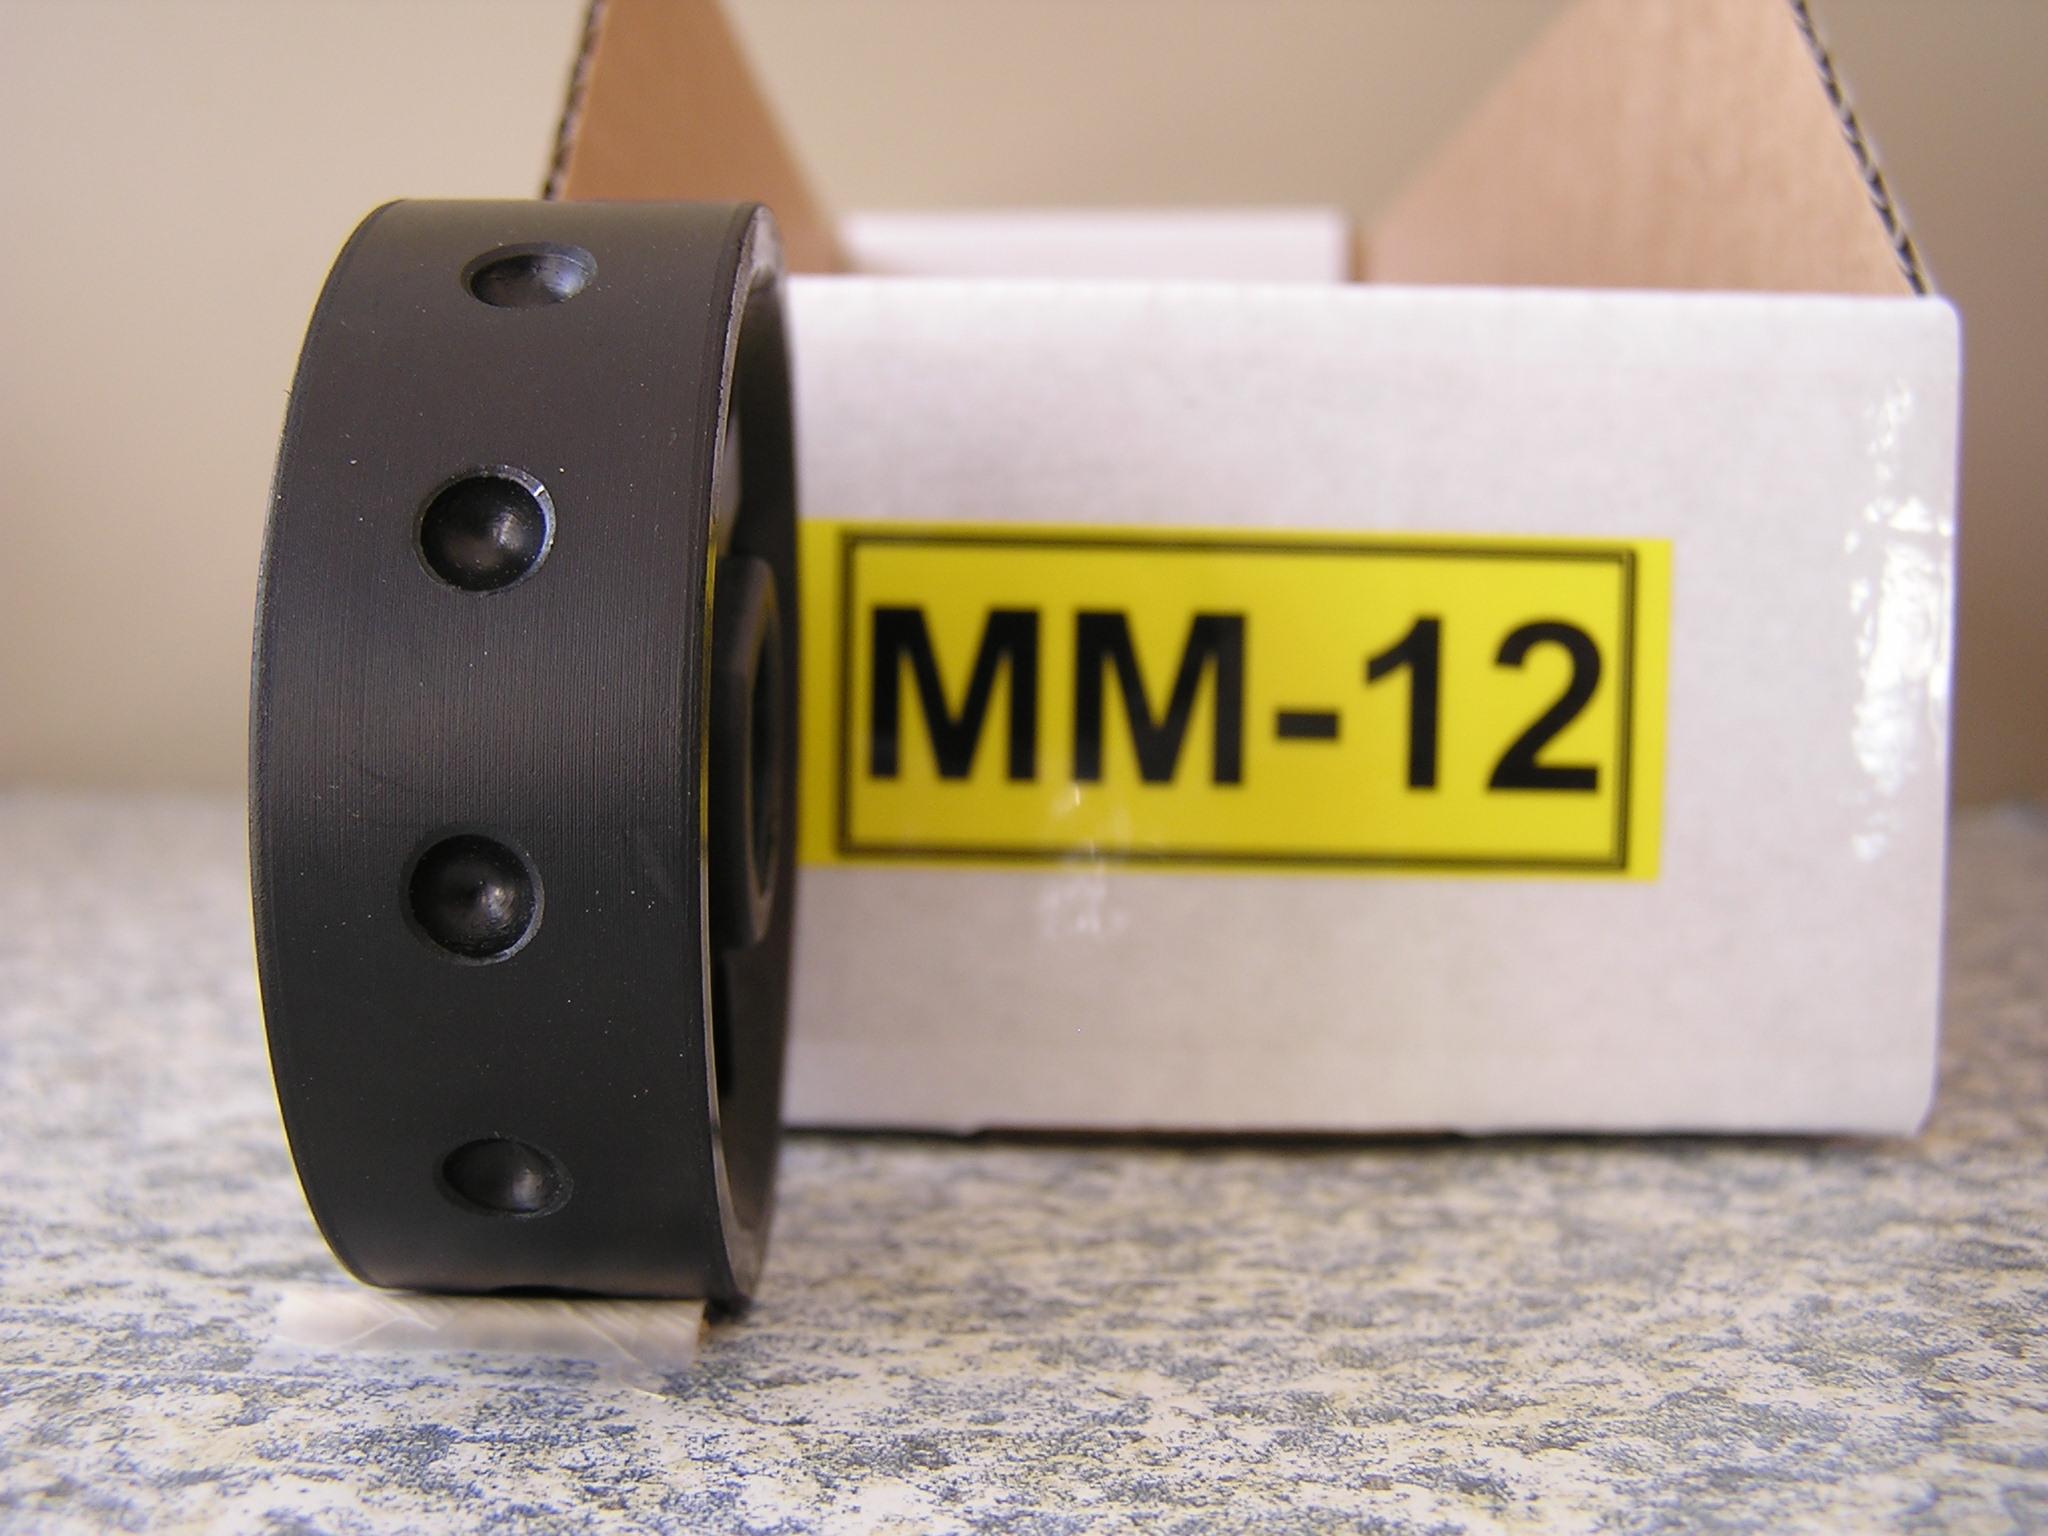 MM-12 Roller for Jang Seeder, 6 mm Slot, 12 Slots in the Roller